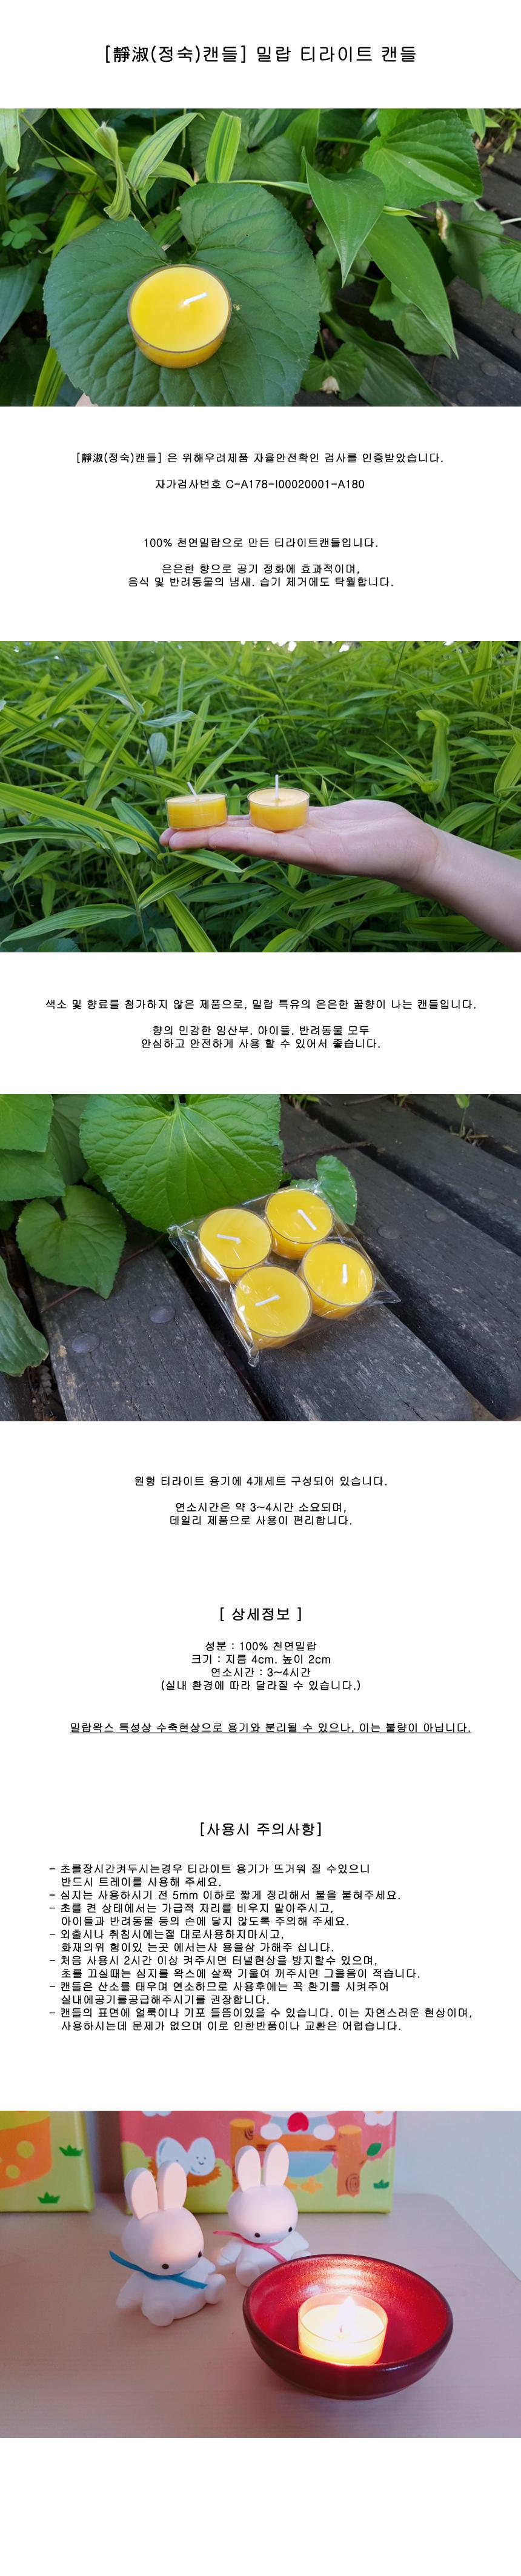 정숙캔들 밀랍티라이트 4 - 정숙캔들, 5,000원, 캔들, 티라이트 캔들